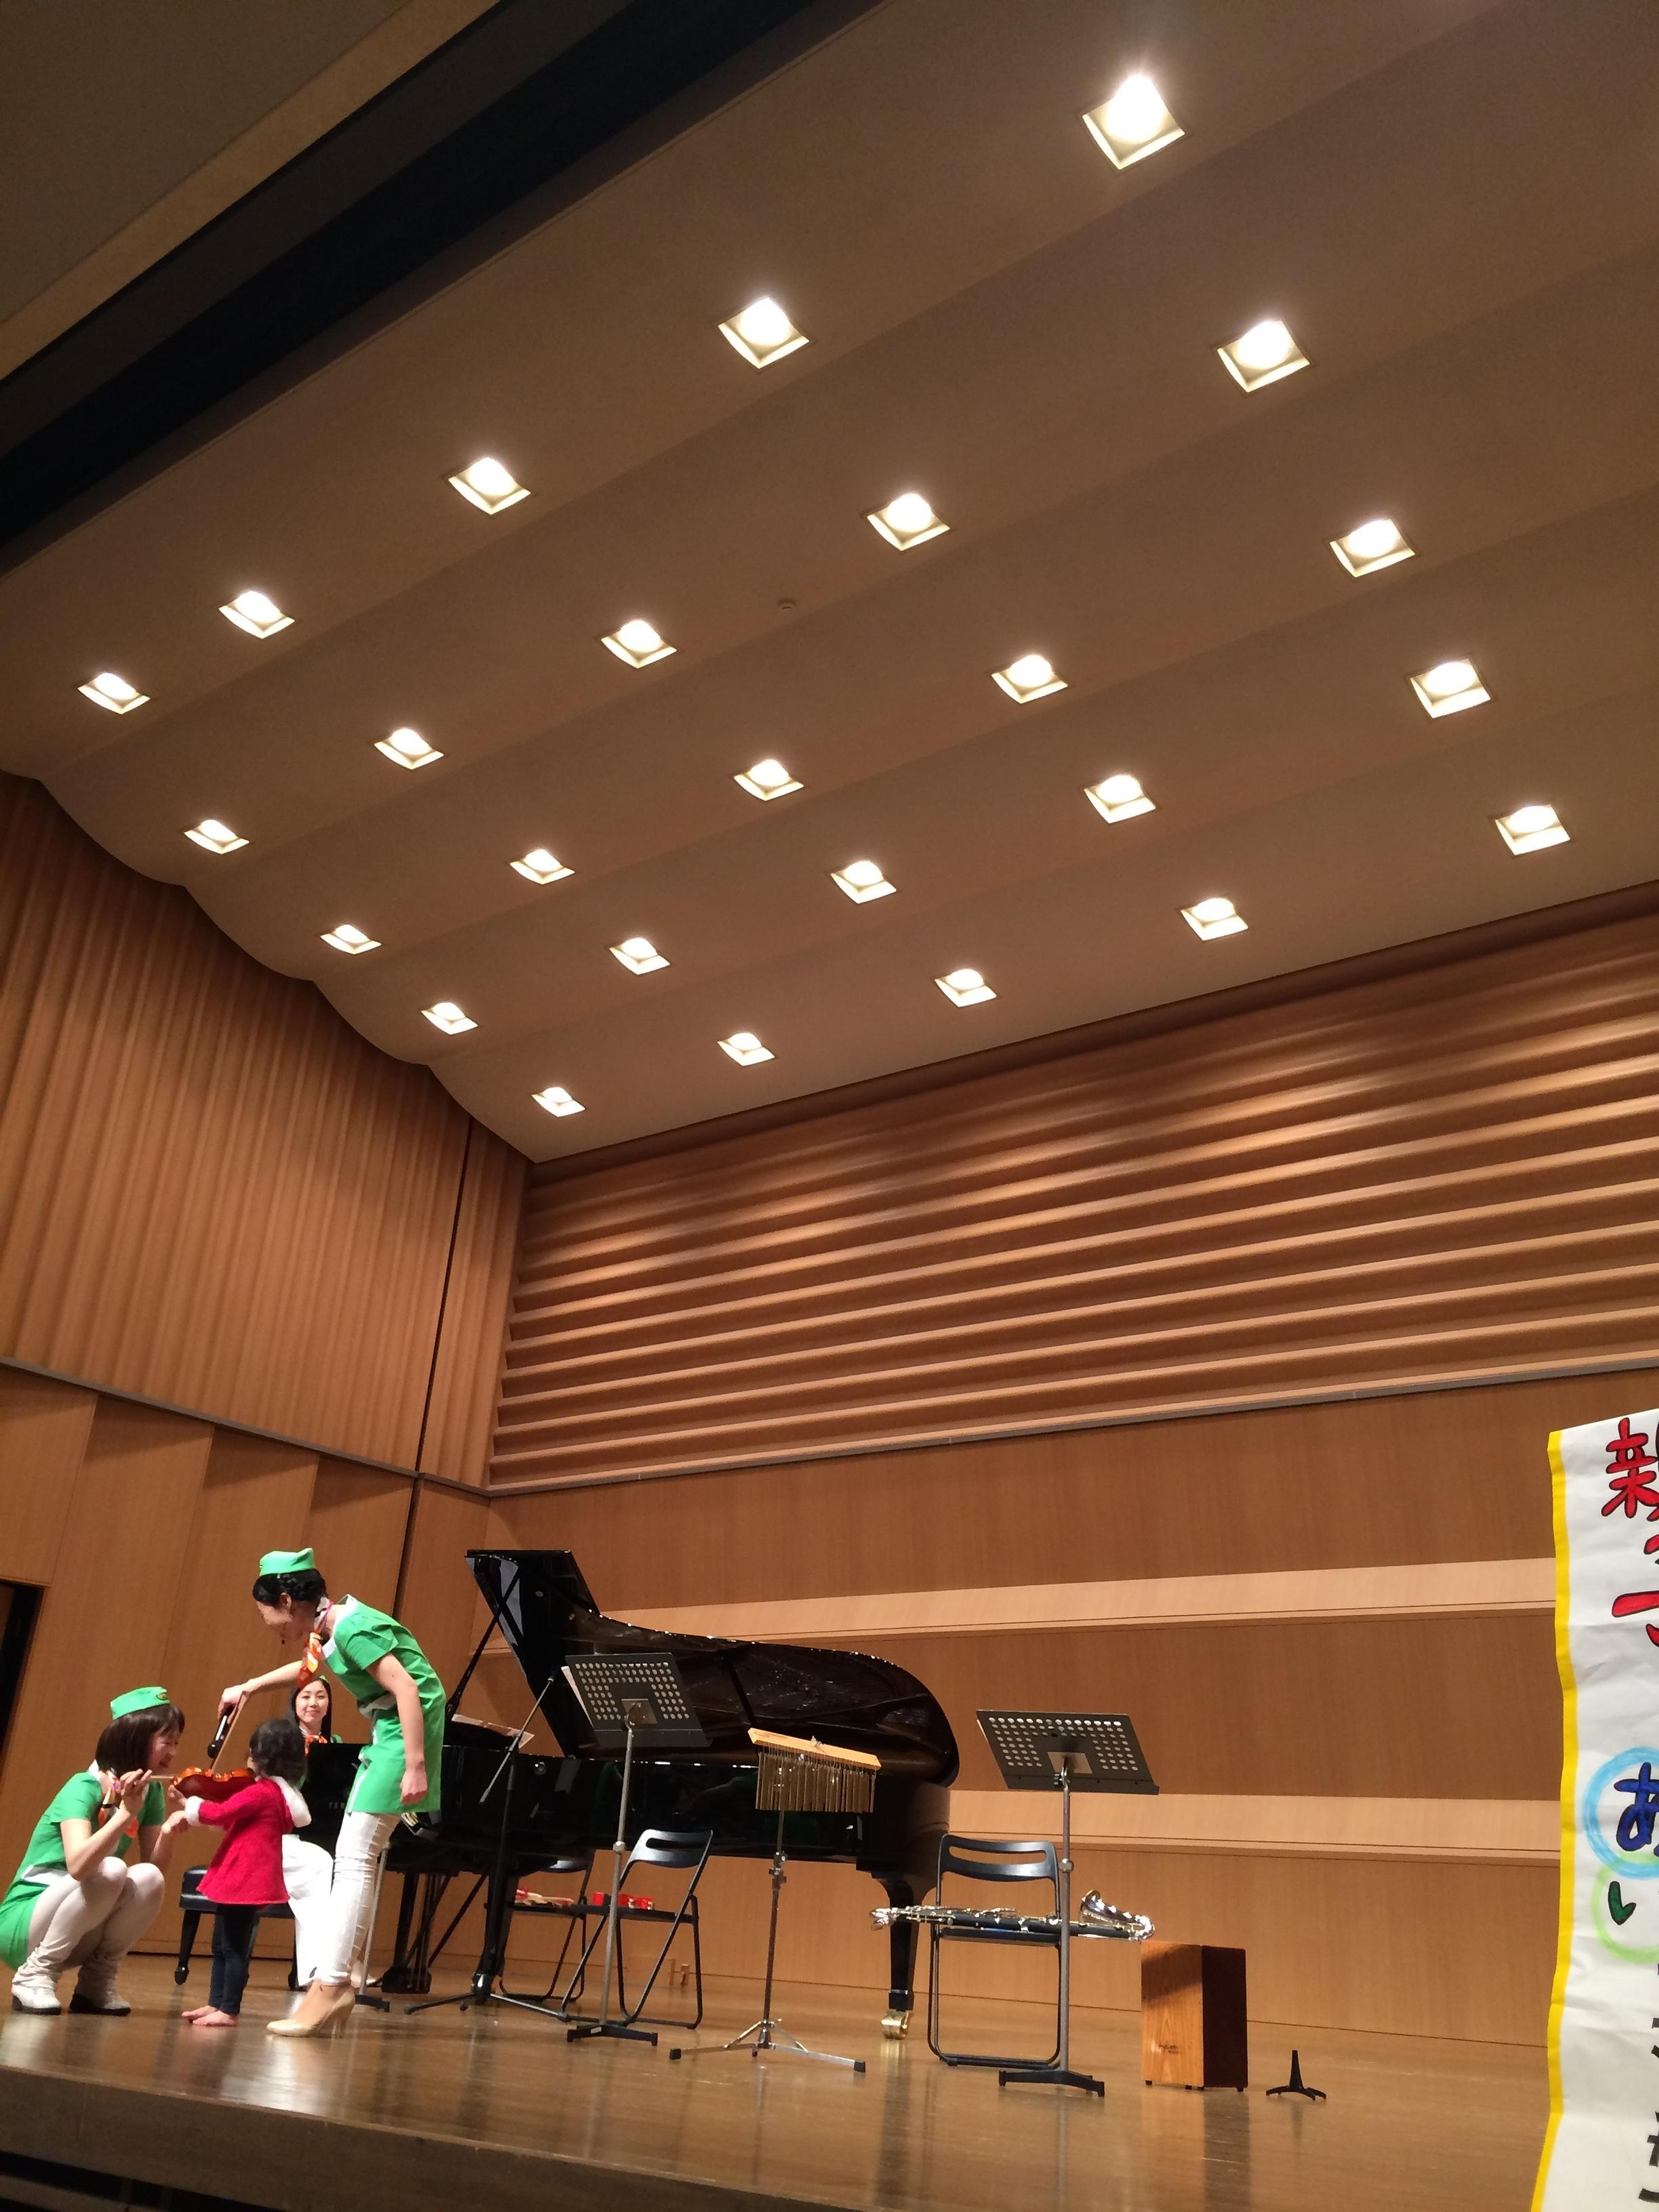 かなっくホール 神奈川区民文化センター